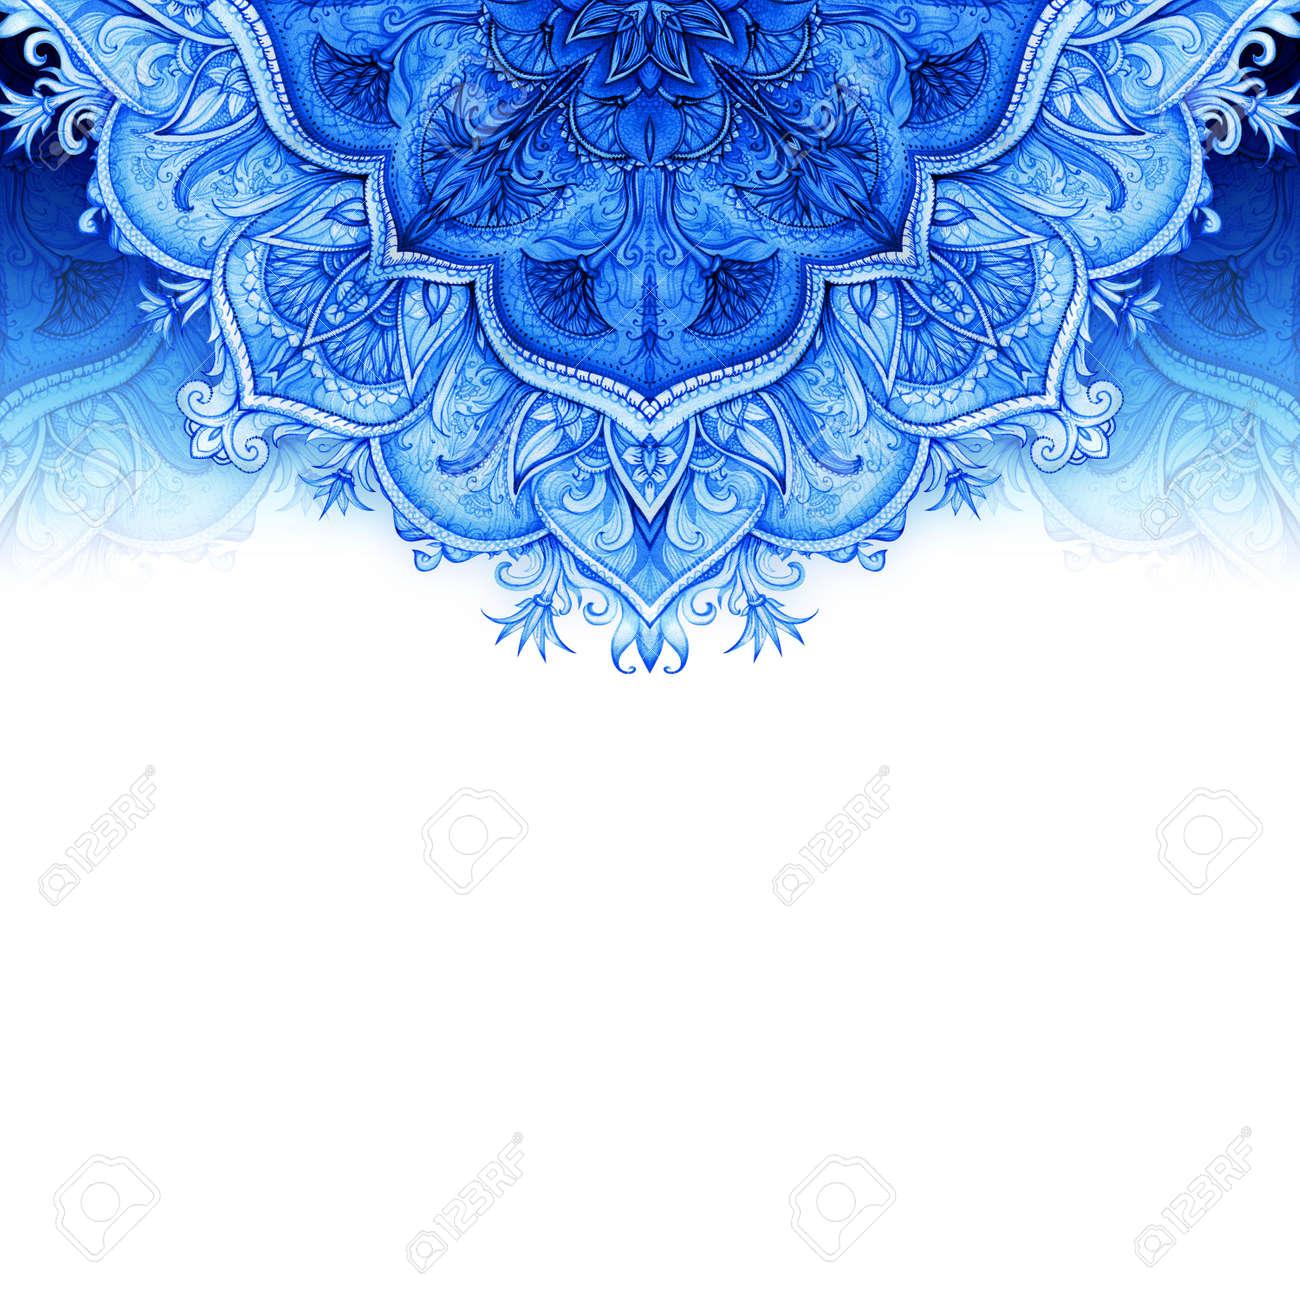 fondo dibujado de tarjetas de felicitacin de boda retro vintage tarjeta o invitacin fondo azul vintage